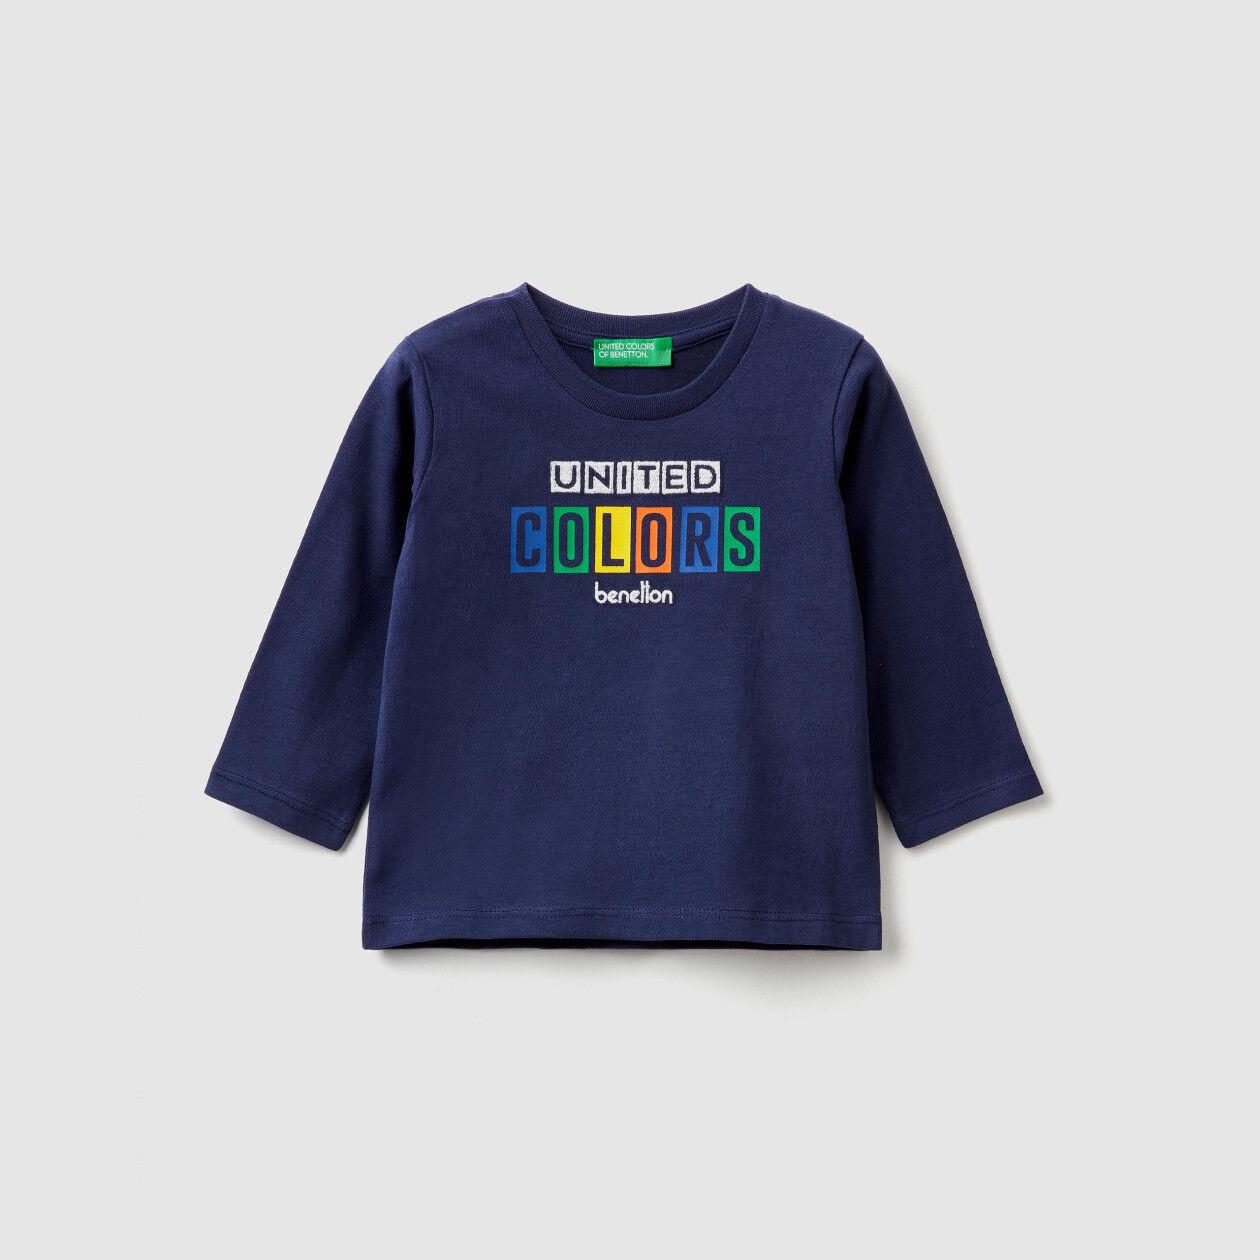 Camiseta de algodón cálido con logotipo